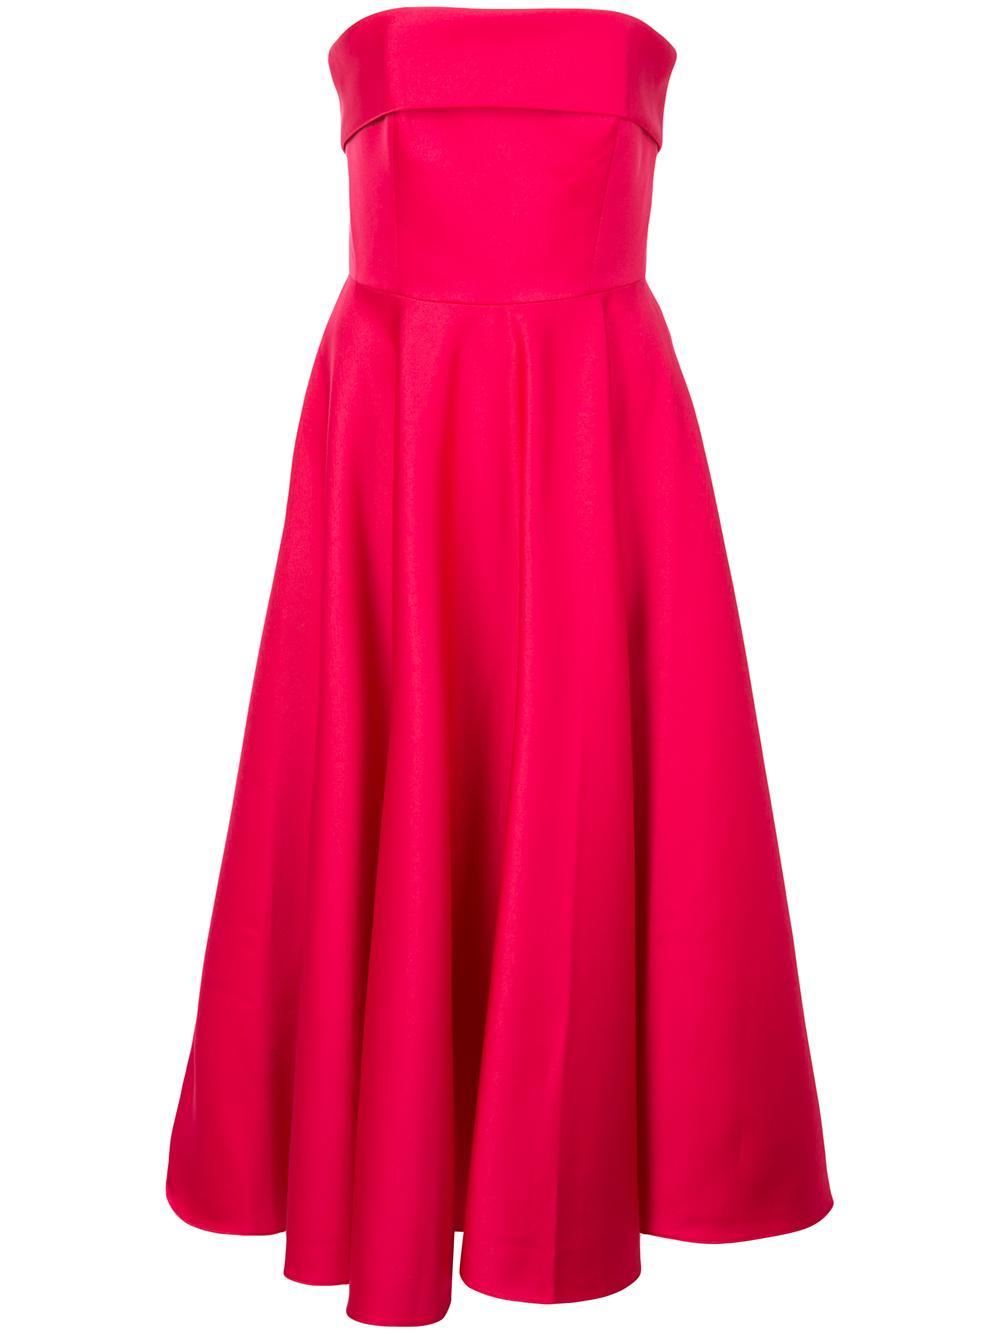 Pettigrew Strapless Midi Dress